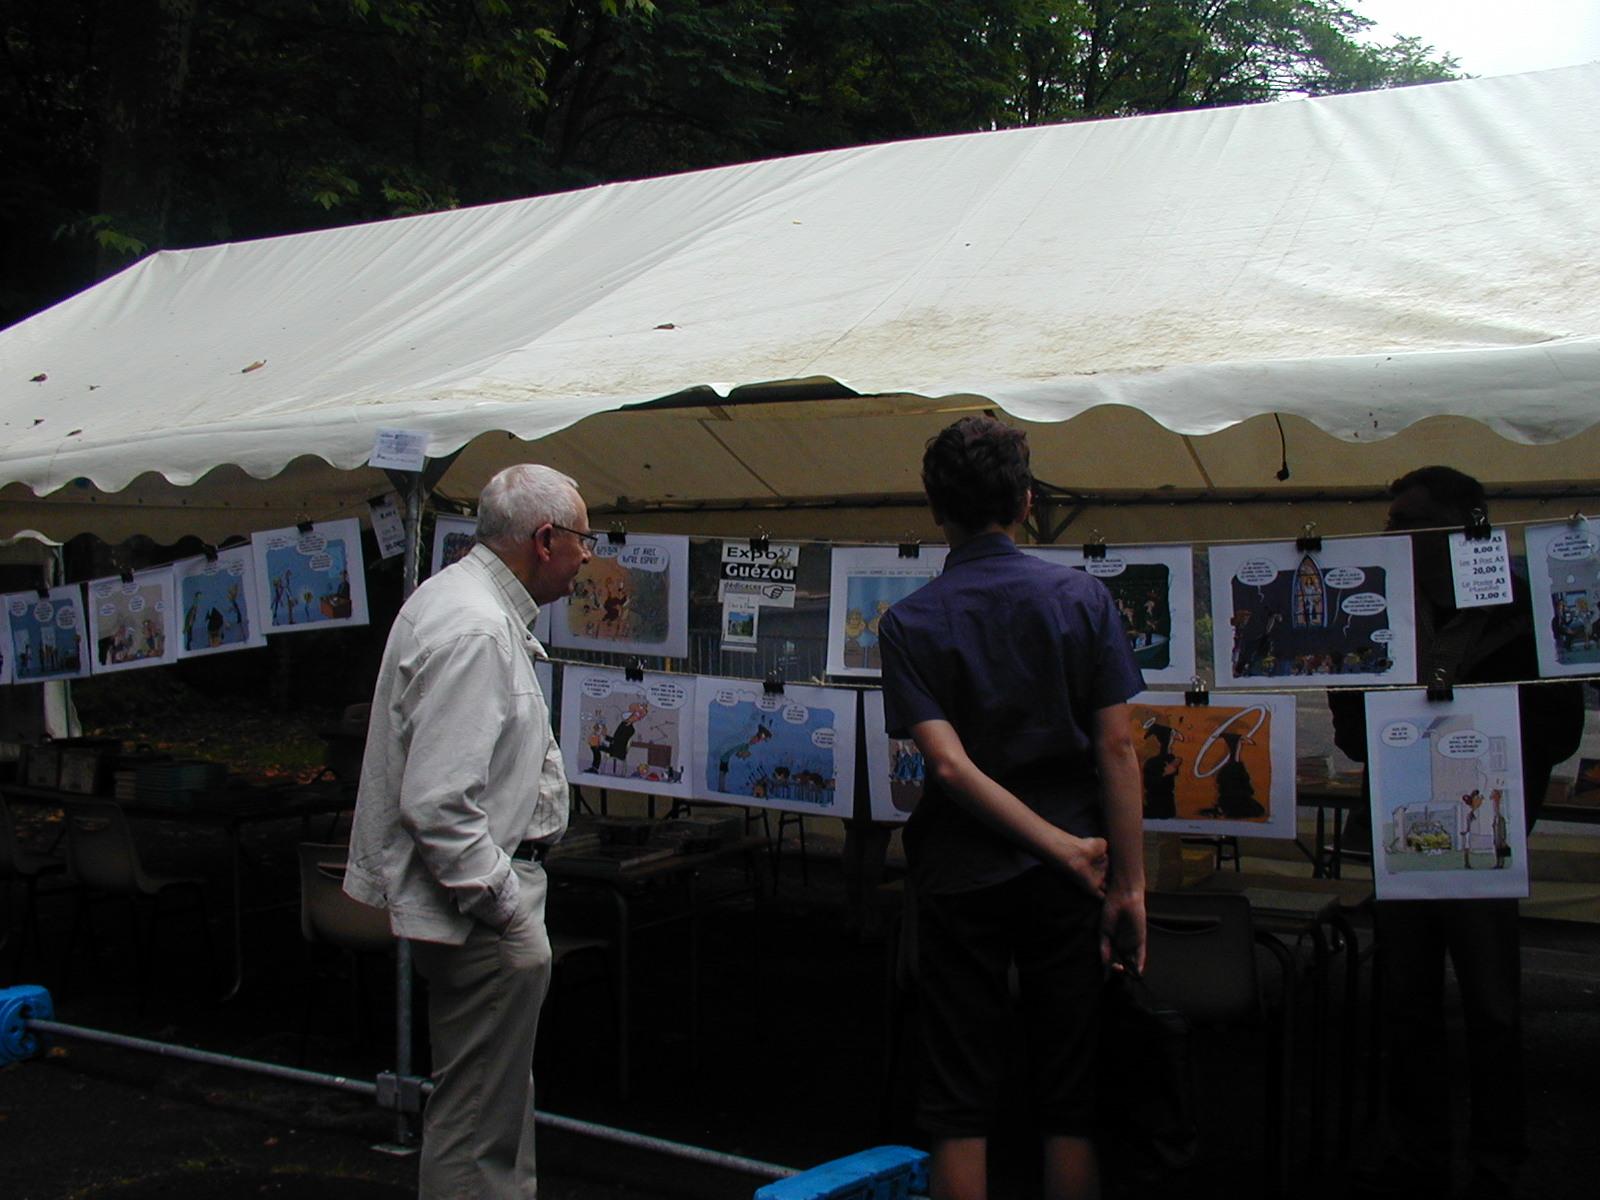 expo Yves Guézou